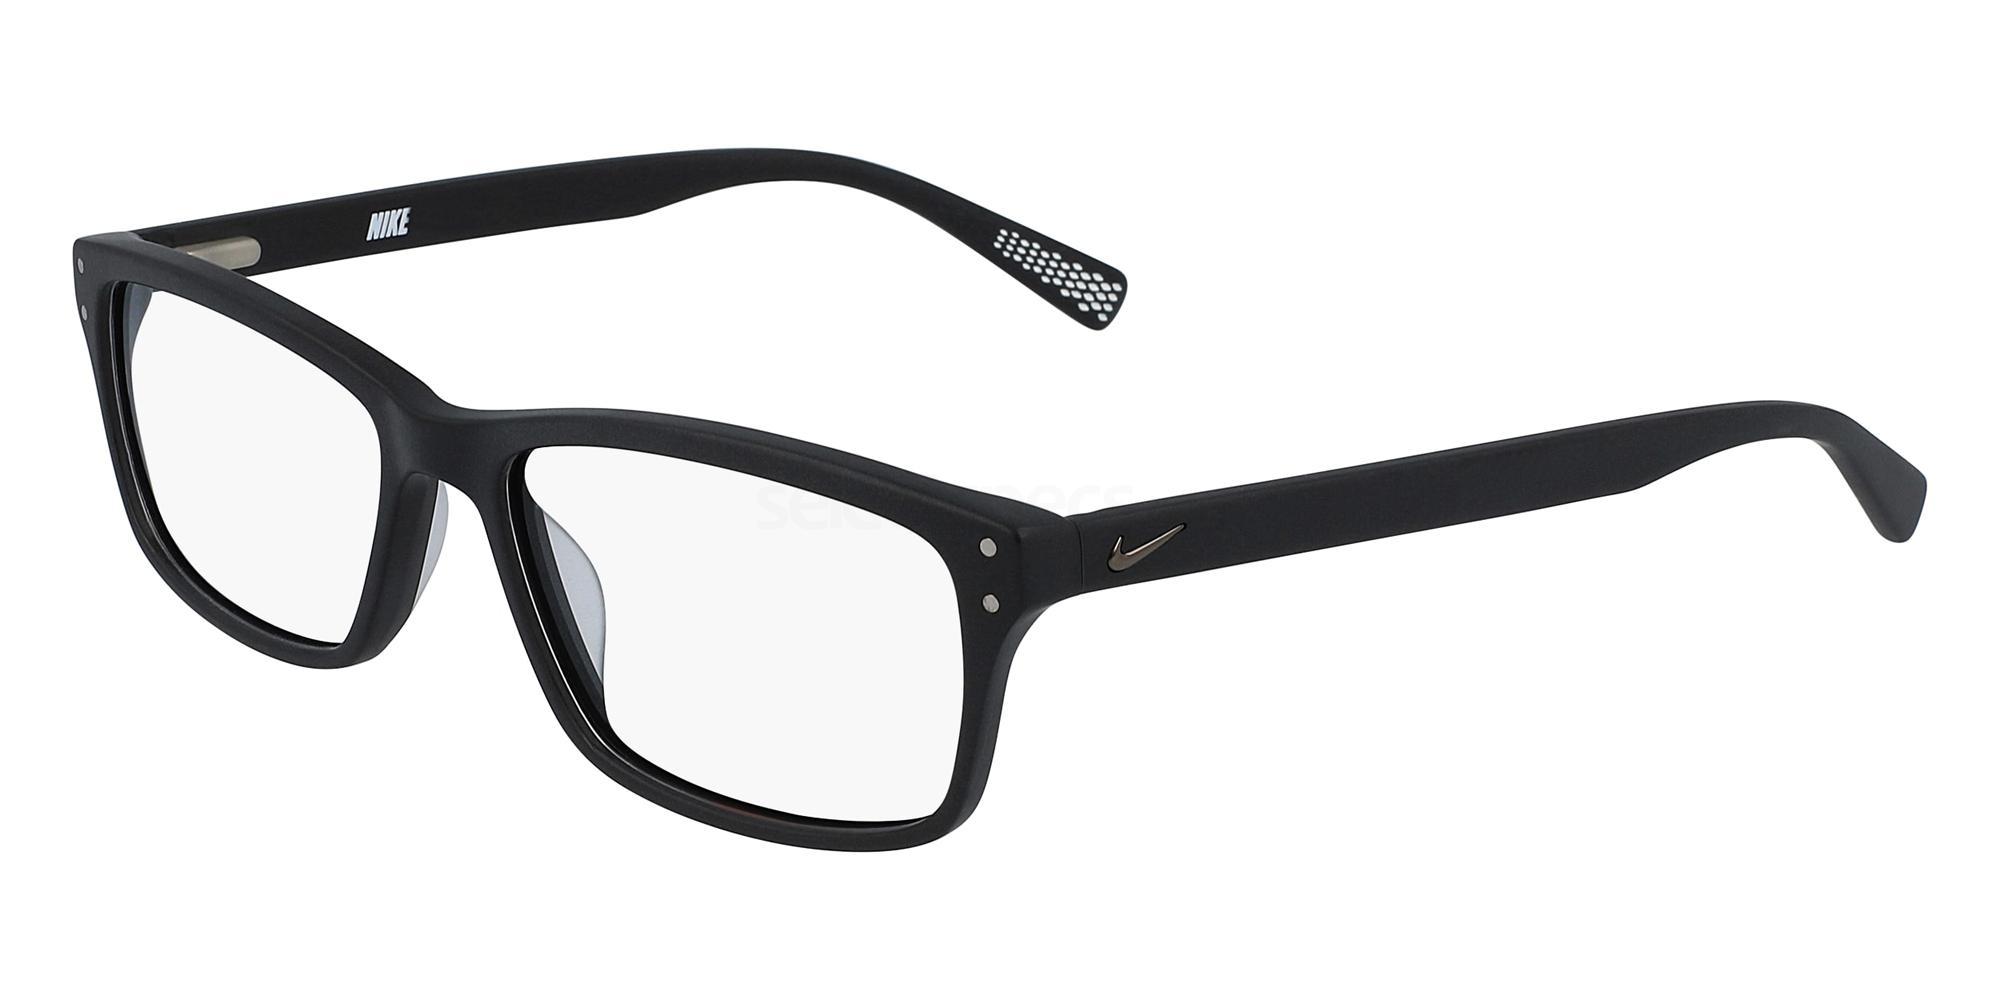 003 NIKE 7245 Glasses, Nike